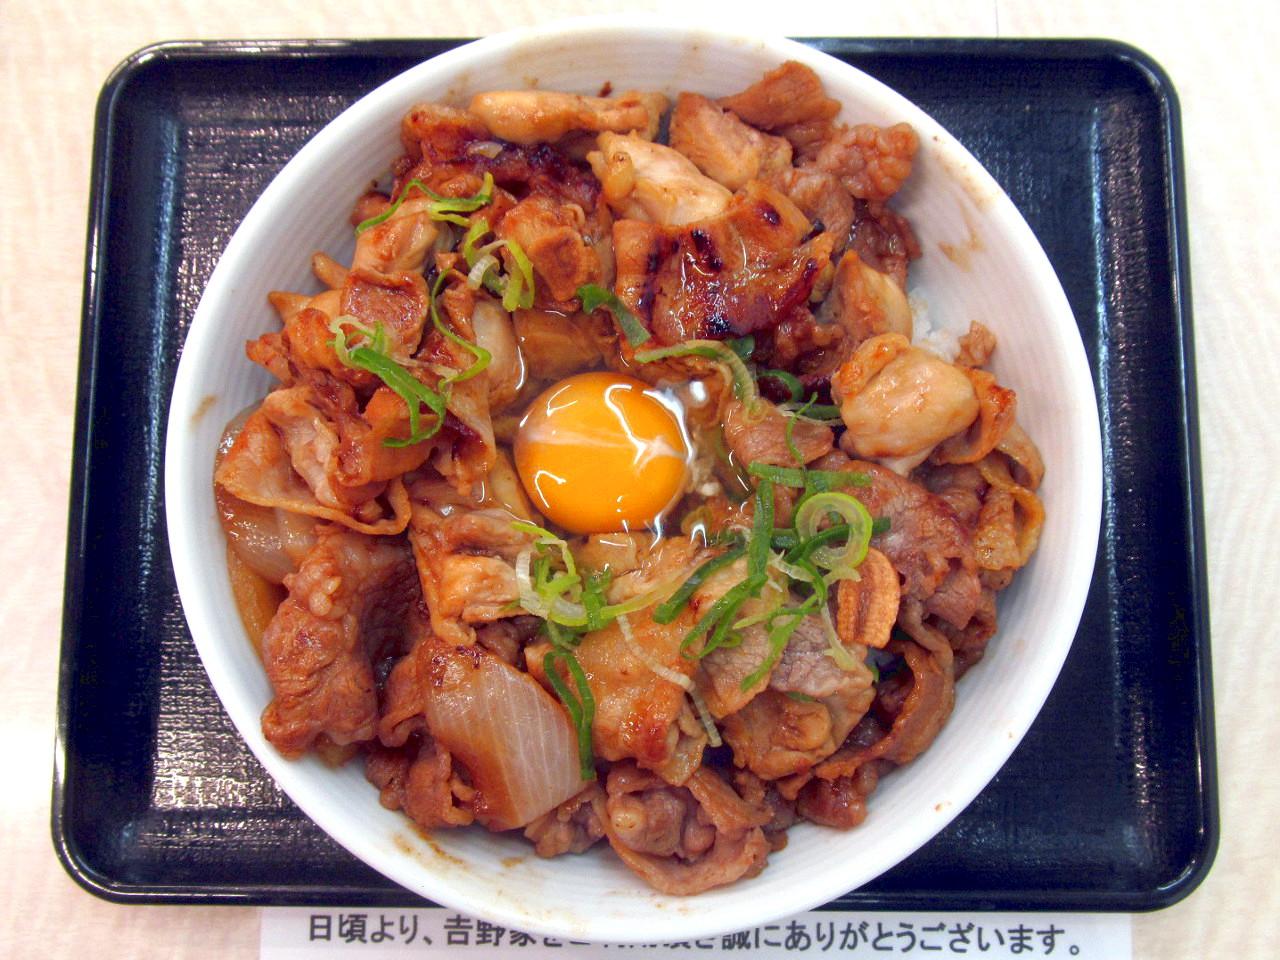 吉野家スタミナ超特盛丼2020賞味アイキャッチ1280調整後